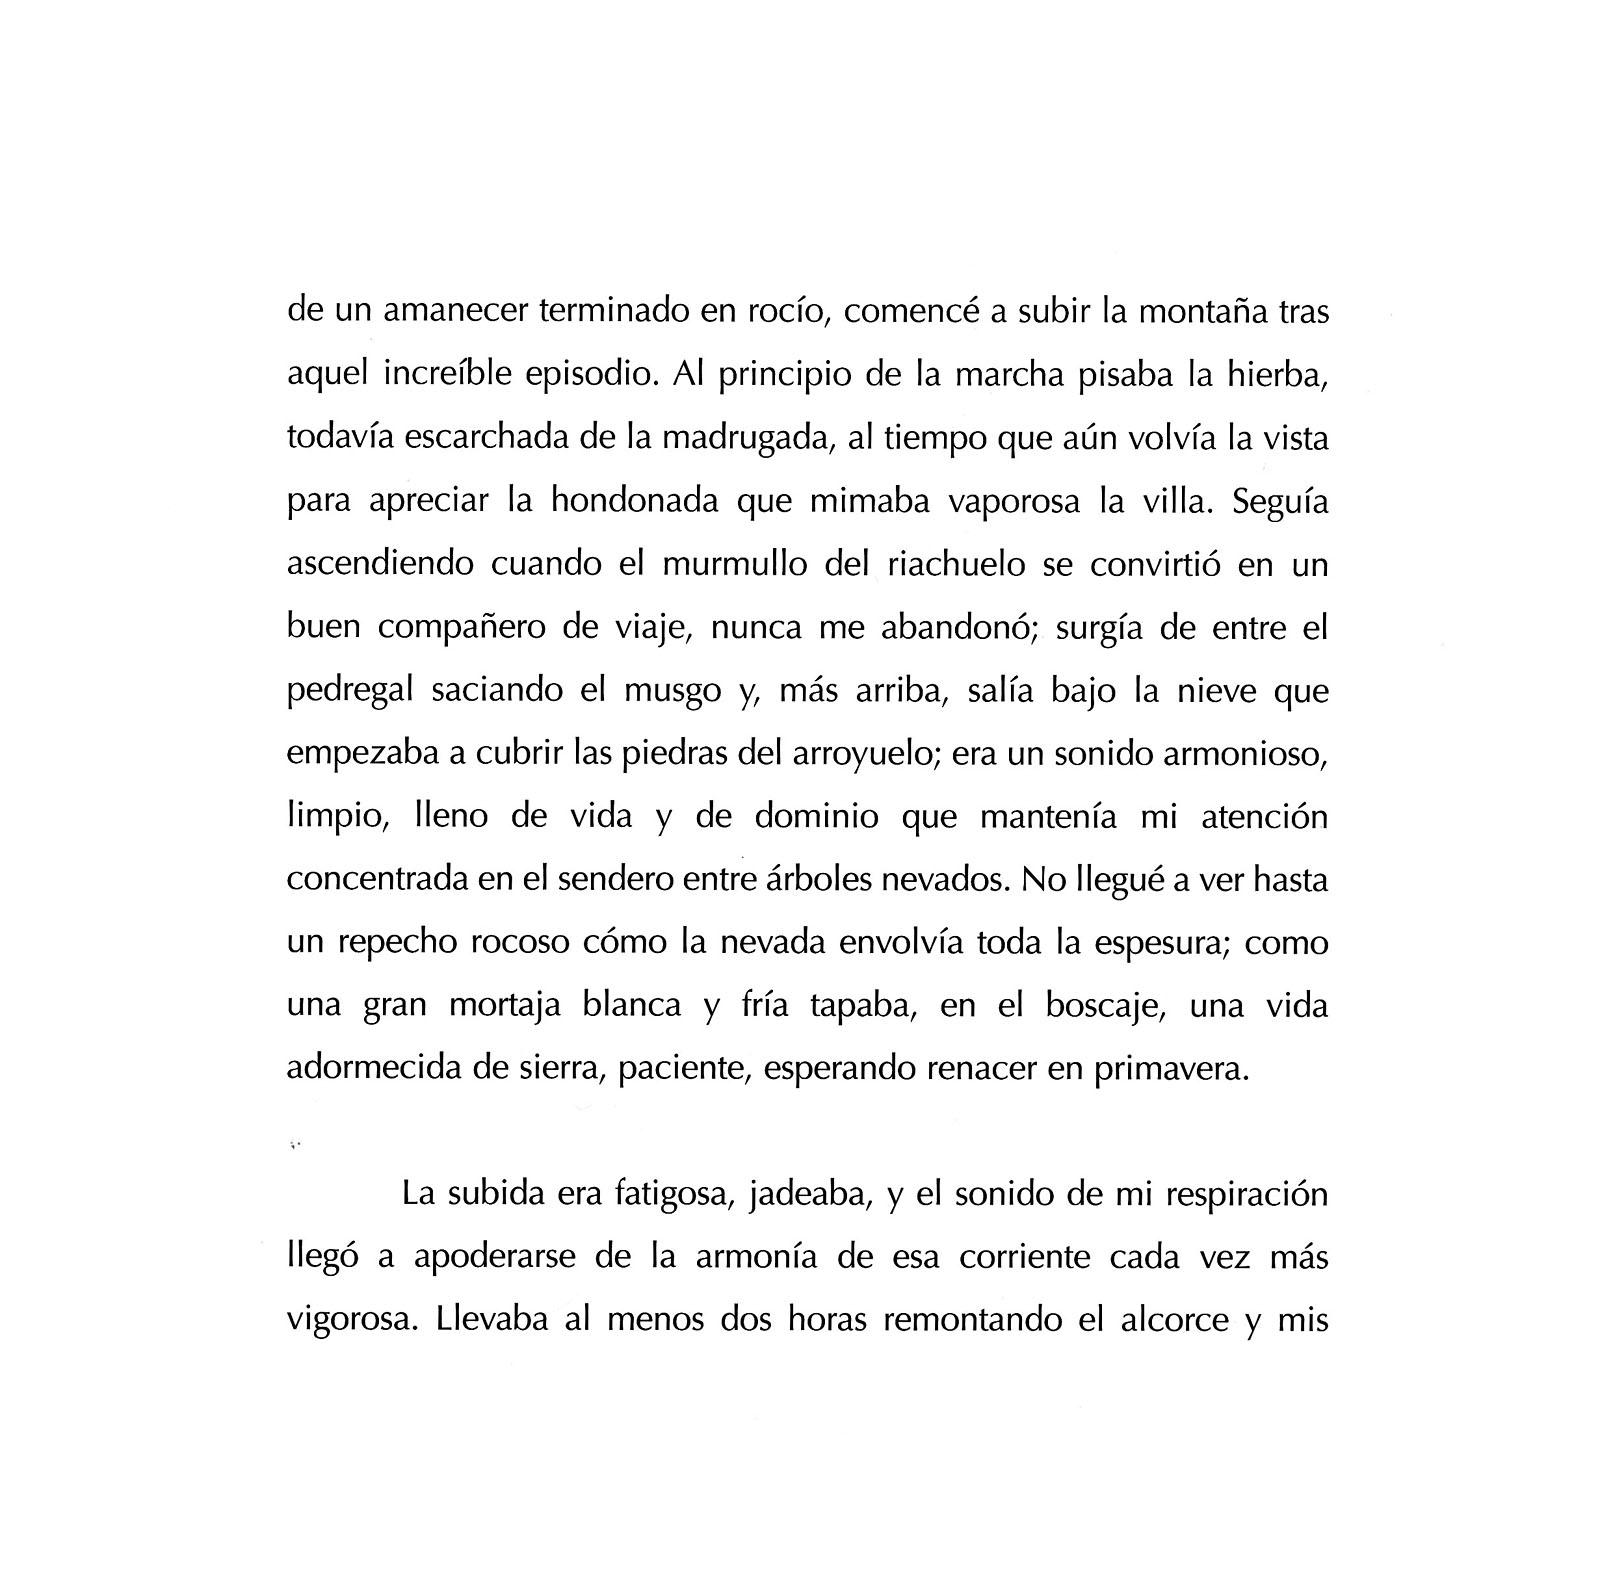 danielvillalobos-calderonsamaniego-shortnovel-spanishliterature-9